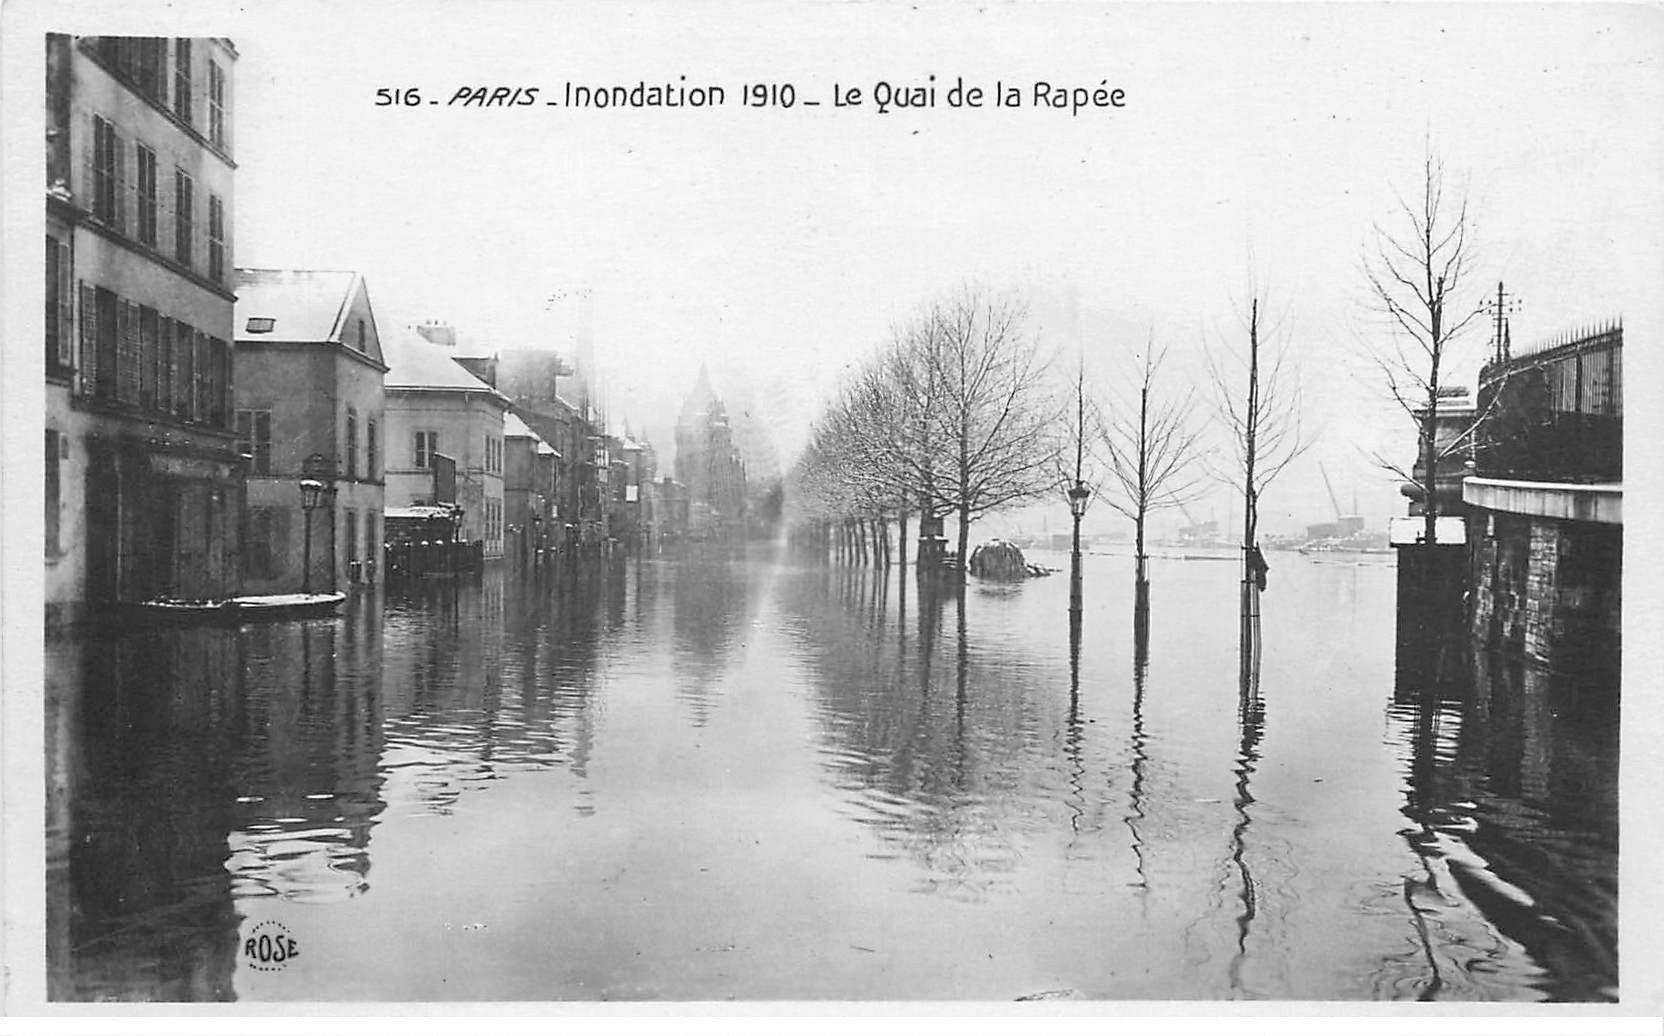 carte postale ancienne INONDATION DE PARIS 1910. Quay de la Rapée. Edition Rose